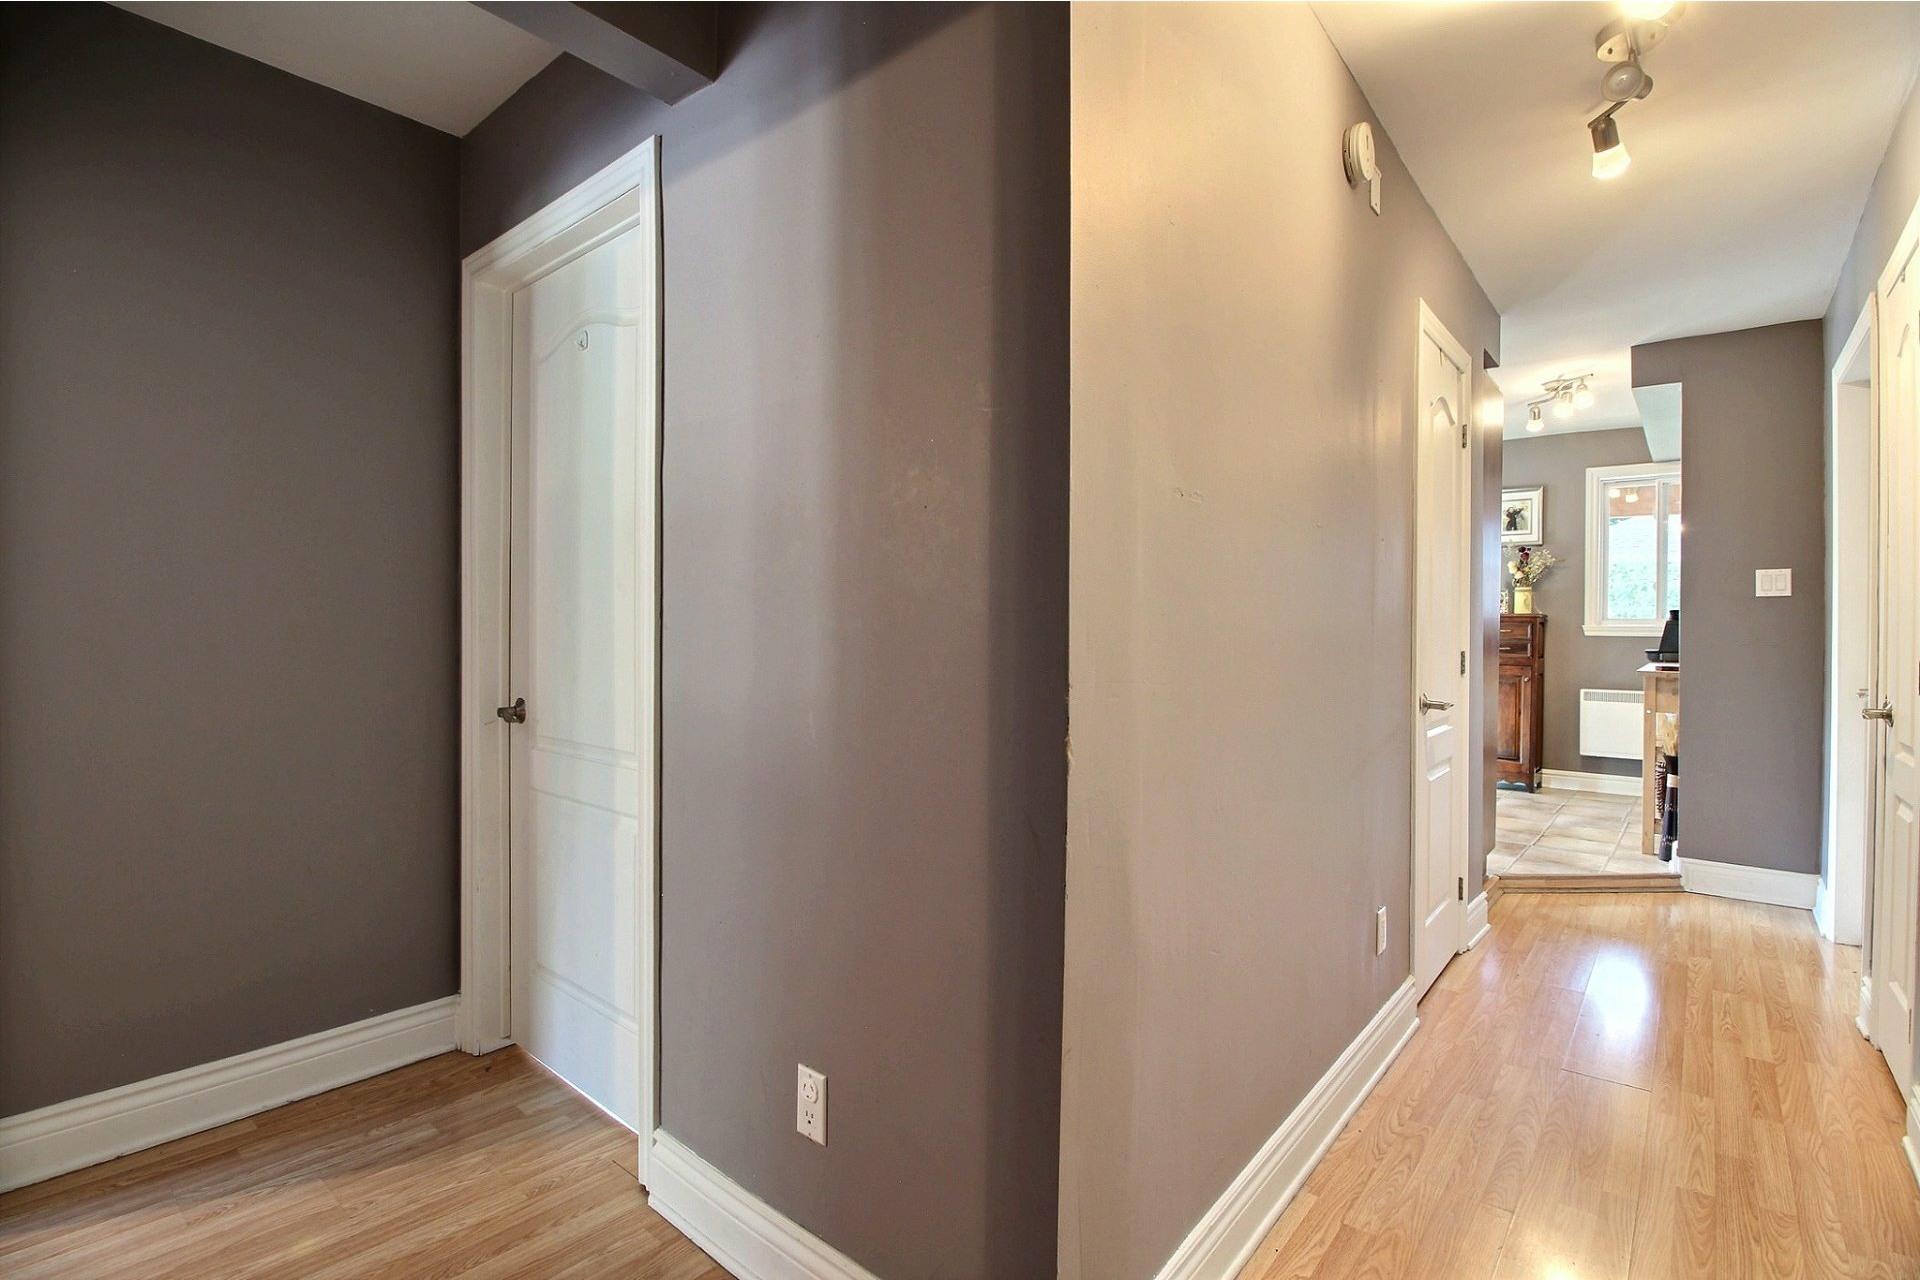 image 18 - Duplex À vendre Montréal Rivière-des-Prairies/Pointe-aux-Trembles  - 4 pièces